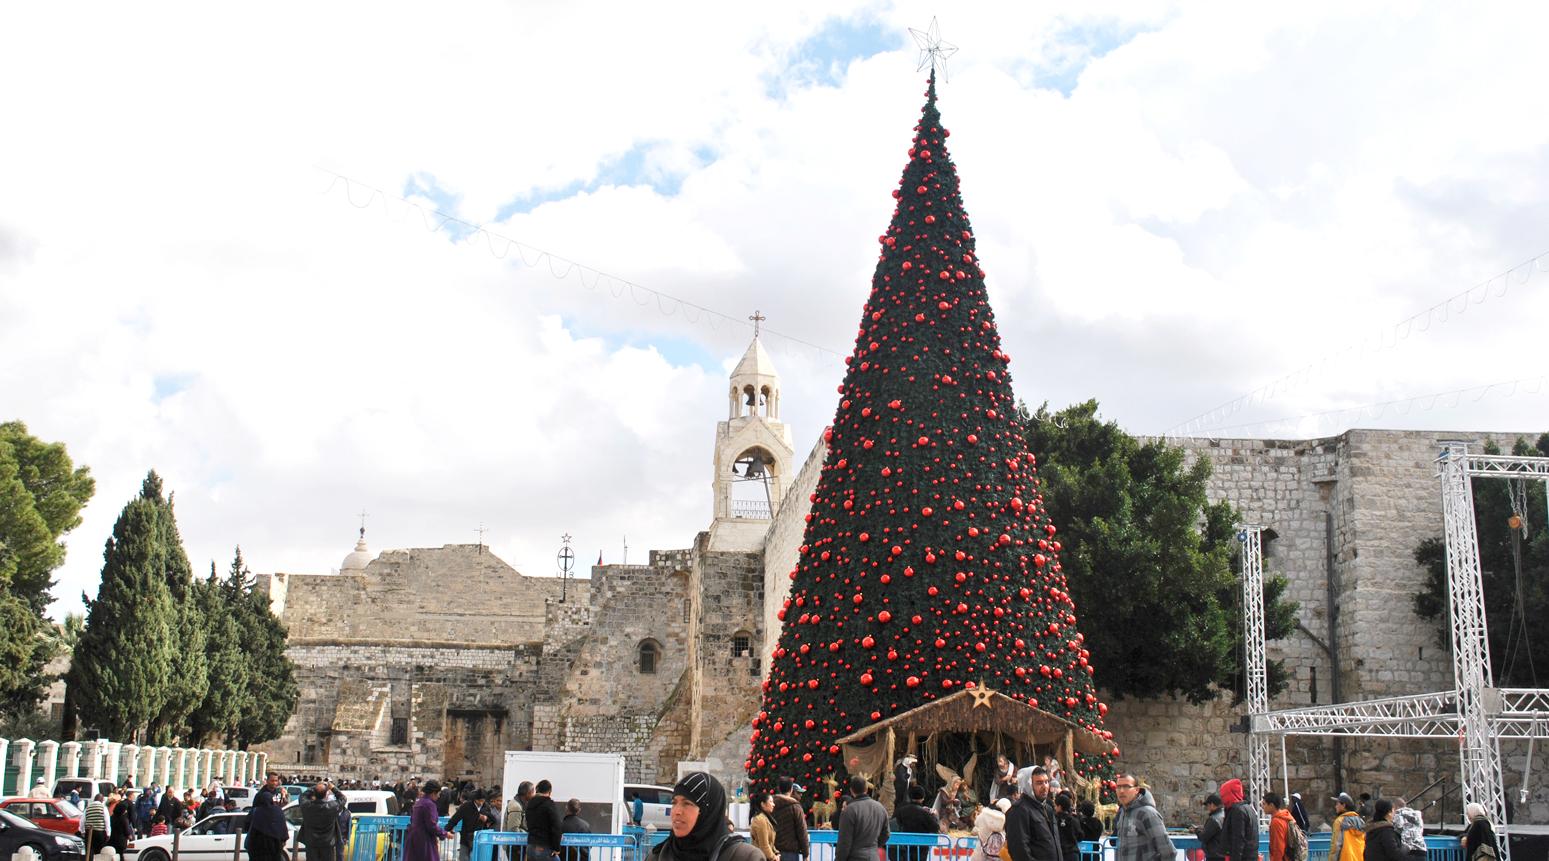 2019年12月 今月の世界遺産『イエス生誕の地:ベツレヘムの聖誕教会と巡礼路』